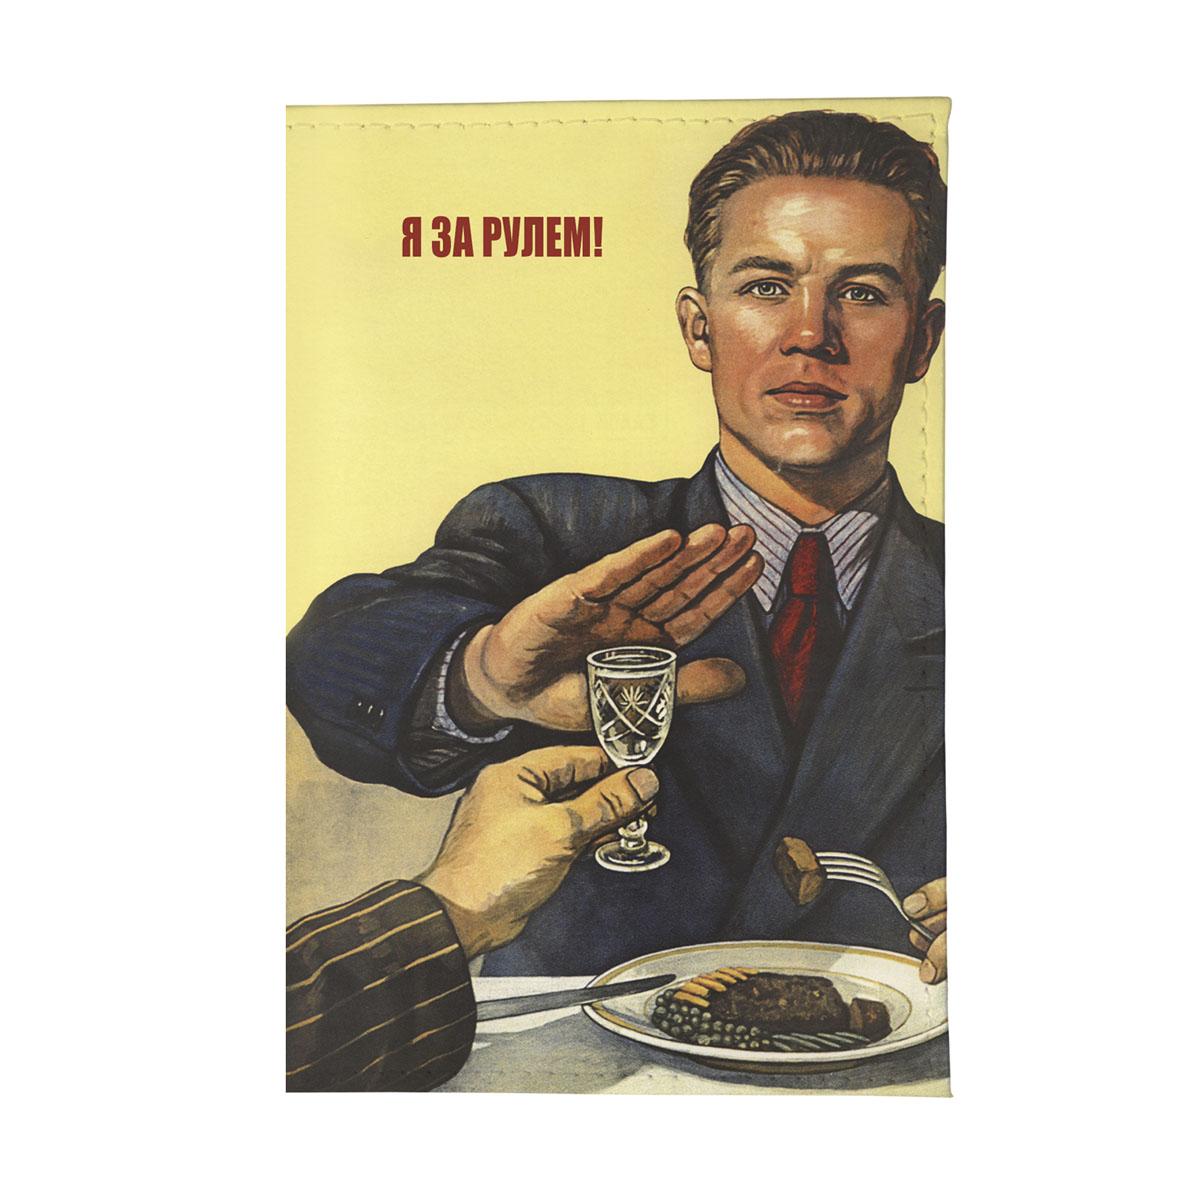 Обложка для автодокументов Mitya Veselkov За рулем, цвет: желтый. AUTOZAM399AUTOZAM399Обложка для удостоверения Mitya Veselkov За рулем выполнена из ПВХ. Края дополнены прострочкой. Внутри у модели широкие удобные поля.